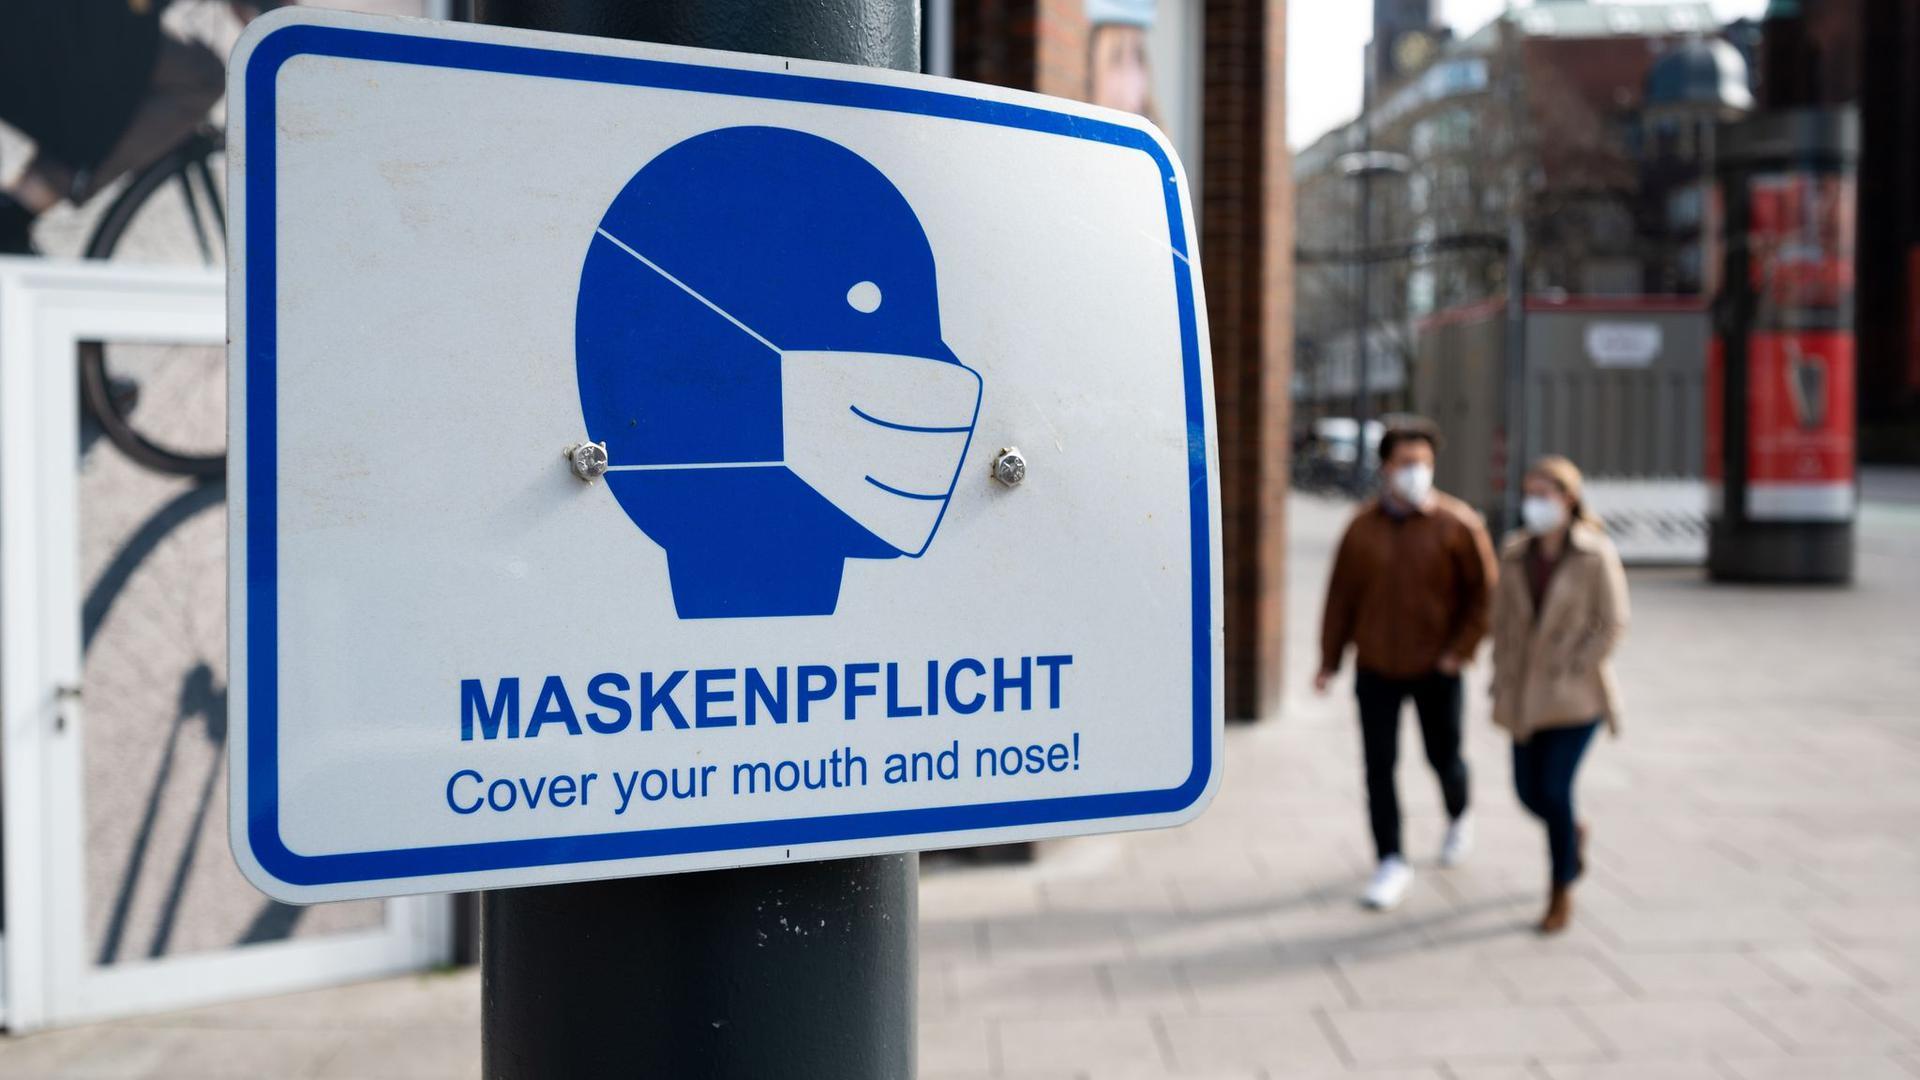 Impfglück ohne Maske? Aus dem Gesundheitsministerium kommt ein klares Nein.